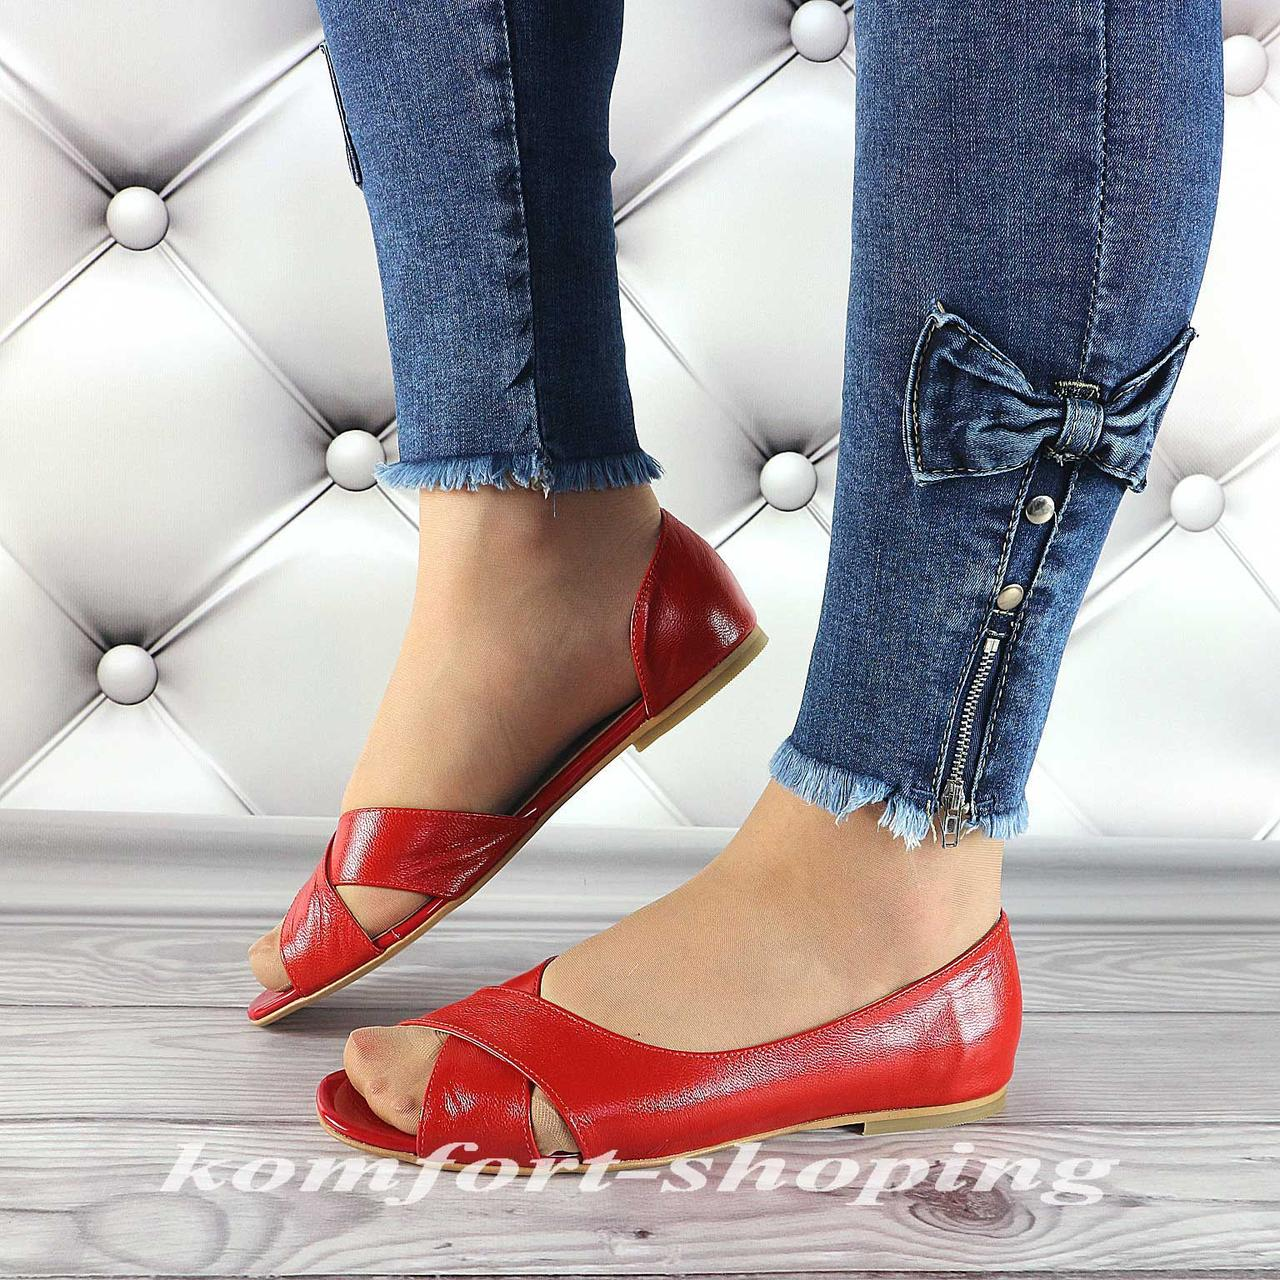 Женские босоножки кожаные, красныеV 1250